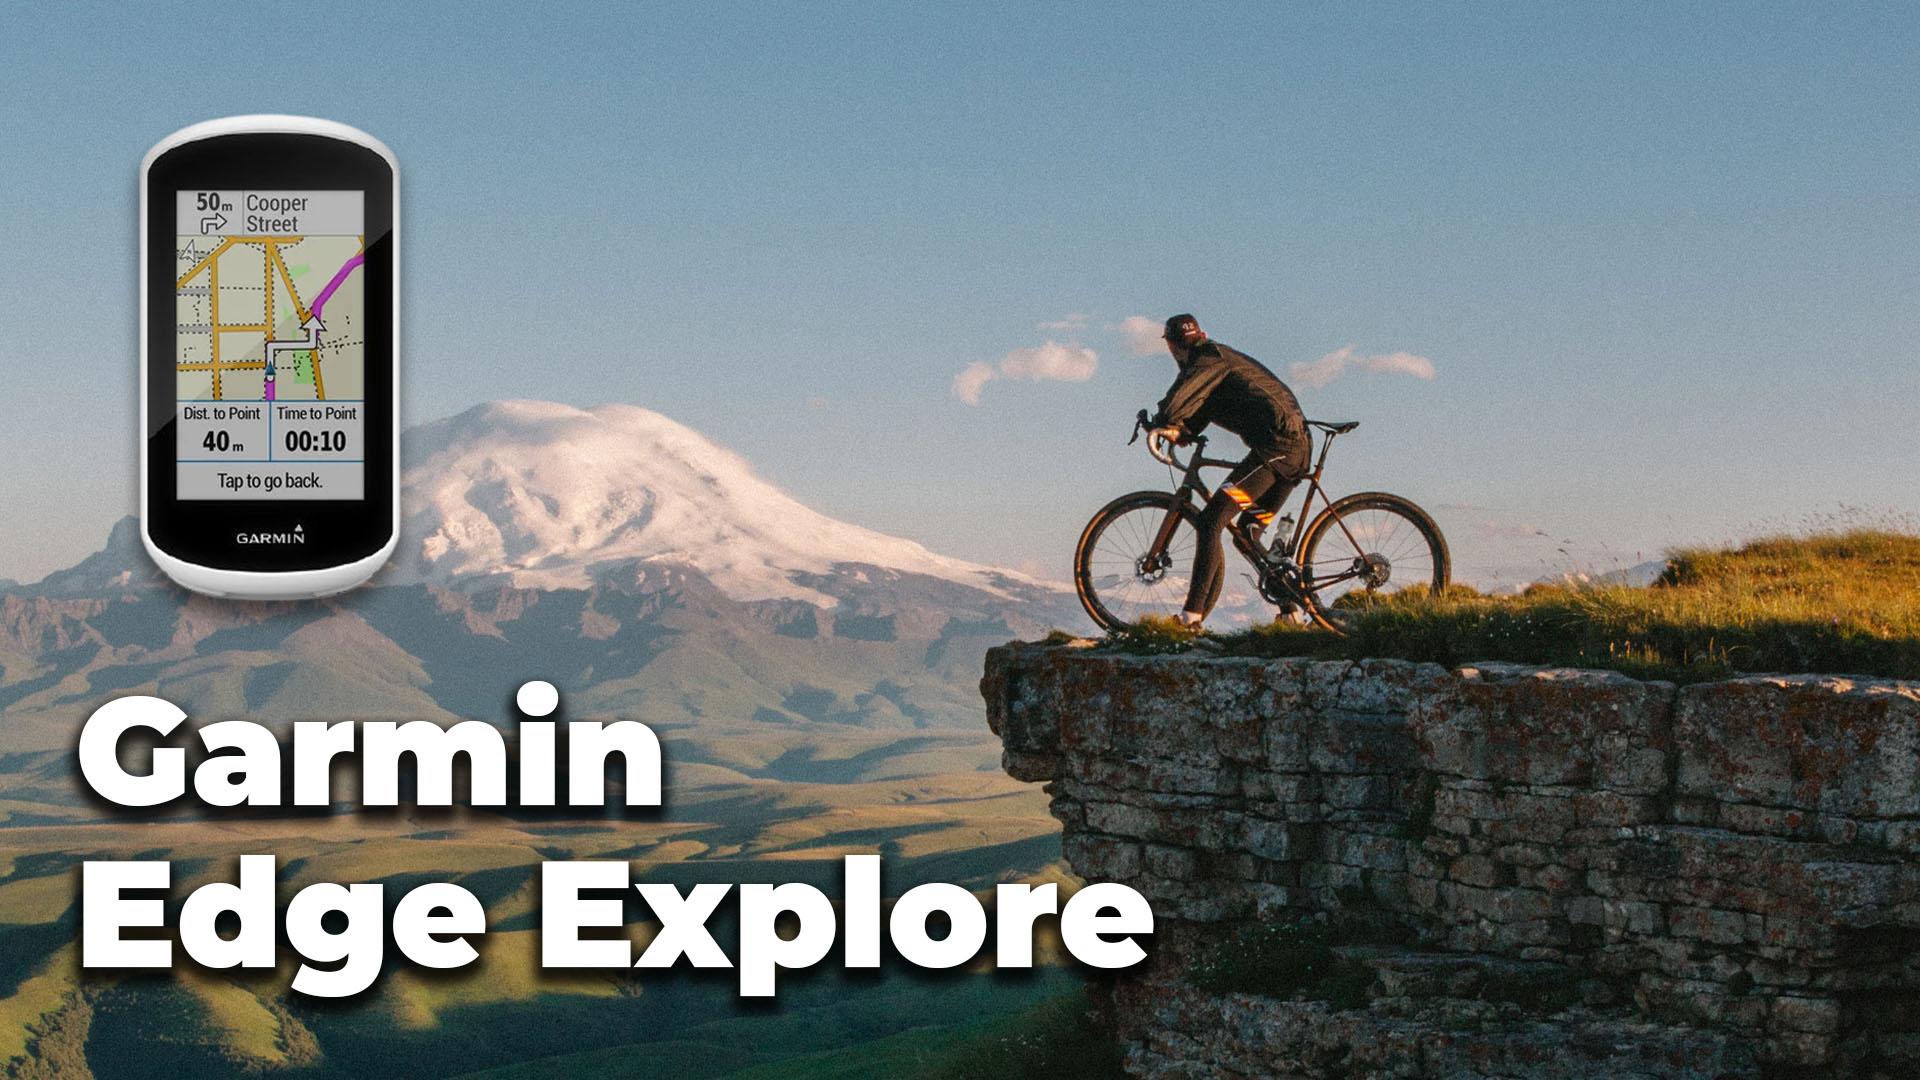 Garmin Edge Explore Opiniones